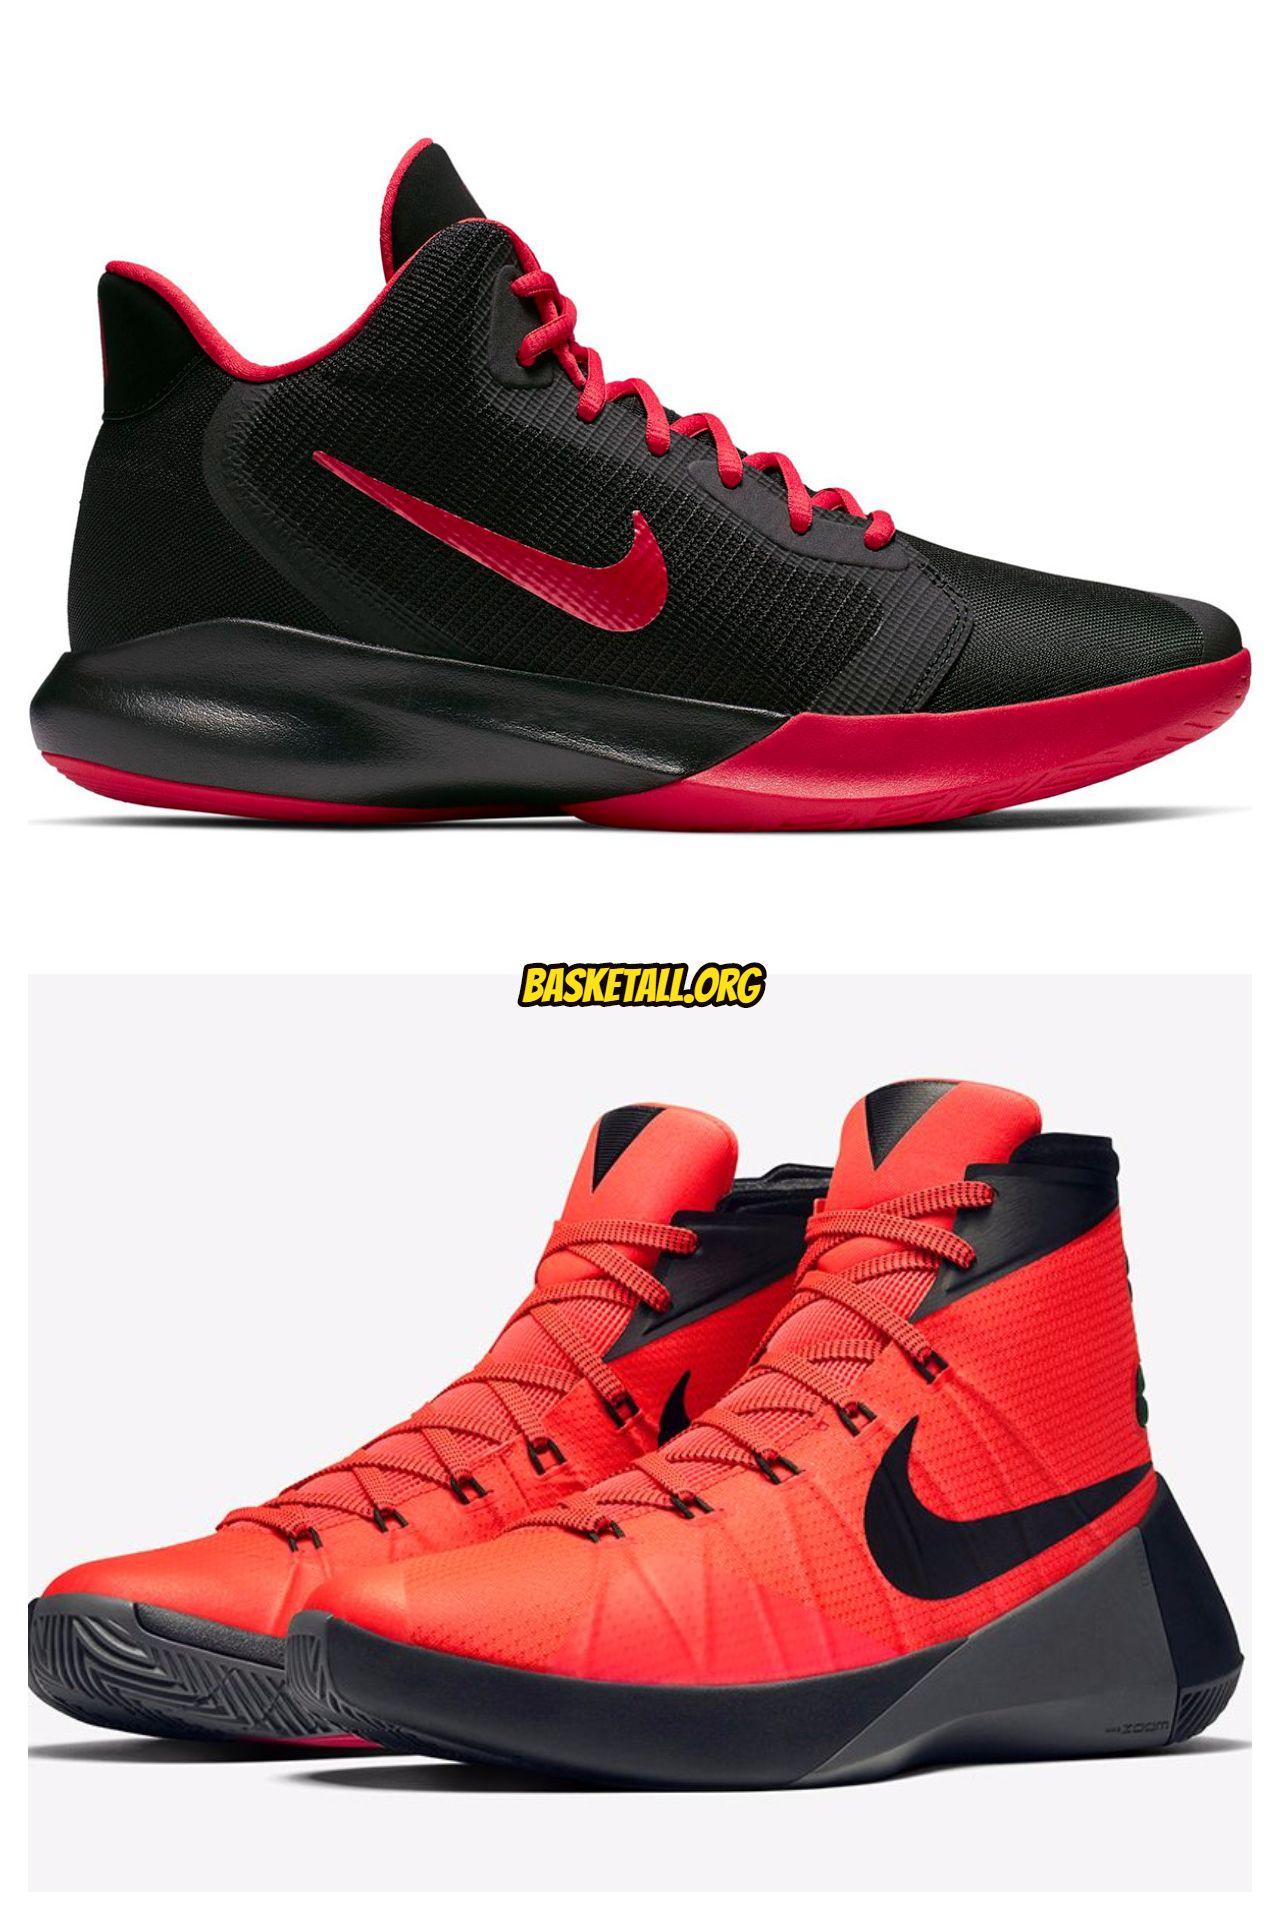 En Guzel 15 Basketbol Ayyakkabisi 2020 Nike Basketbol Ayakkabilari Basketbol Ayakkabilari Lebron James